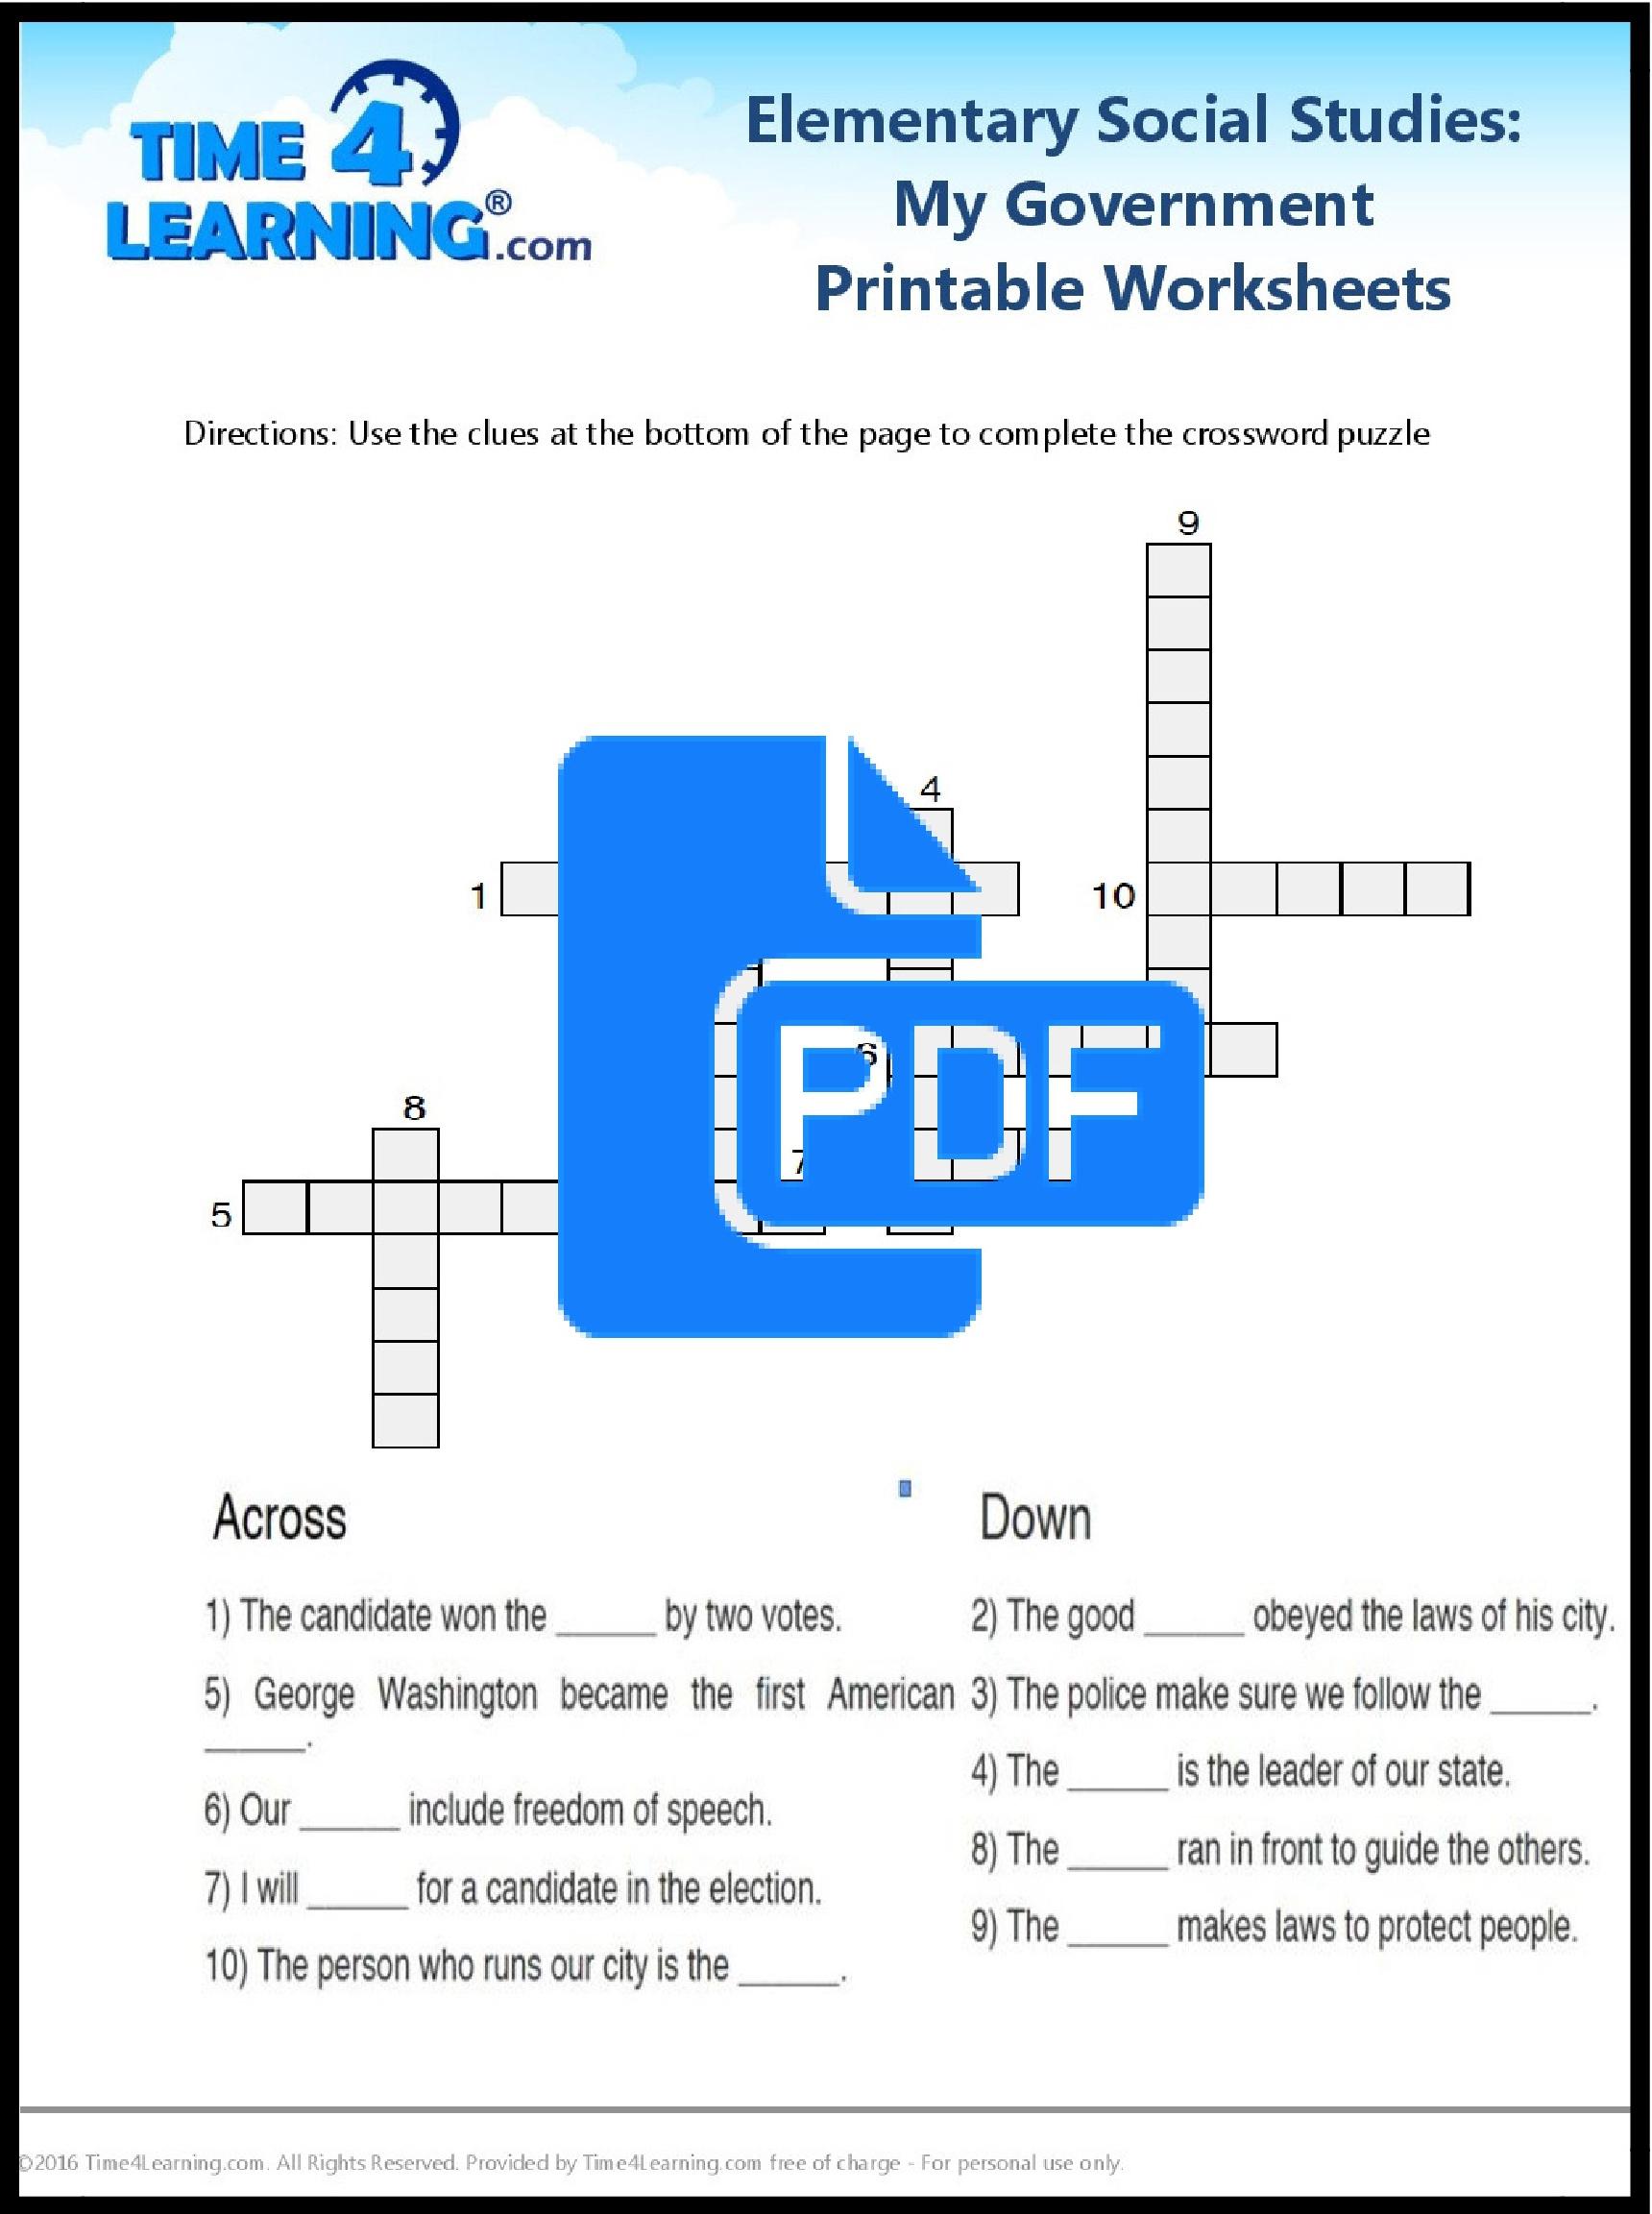 Free Printable: Elementary Social Studies Worksheet   Time4Learning   Printable Social Studies Worksheets